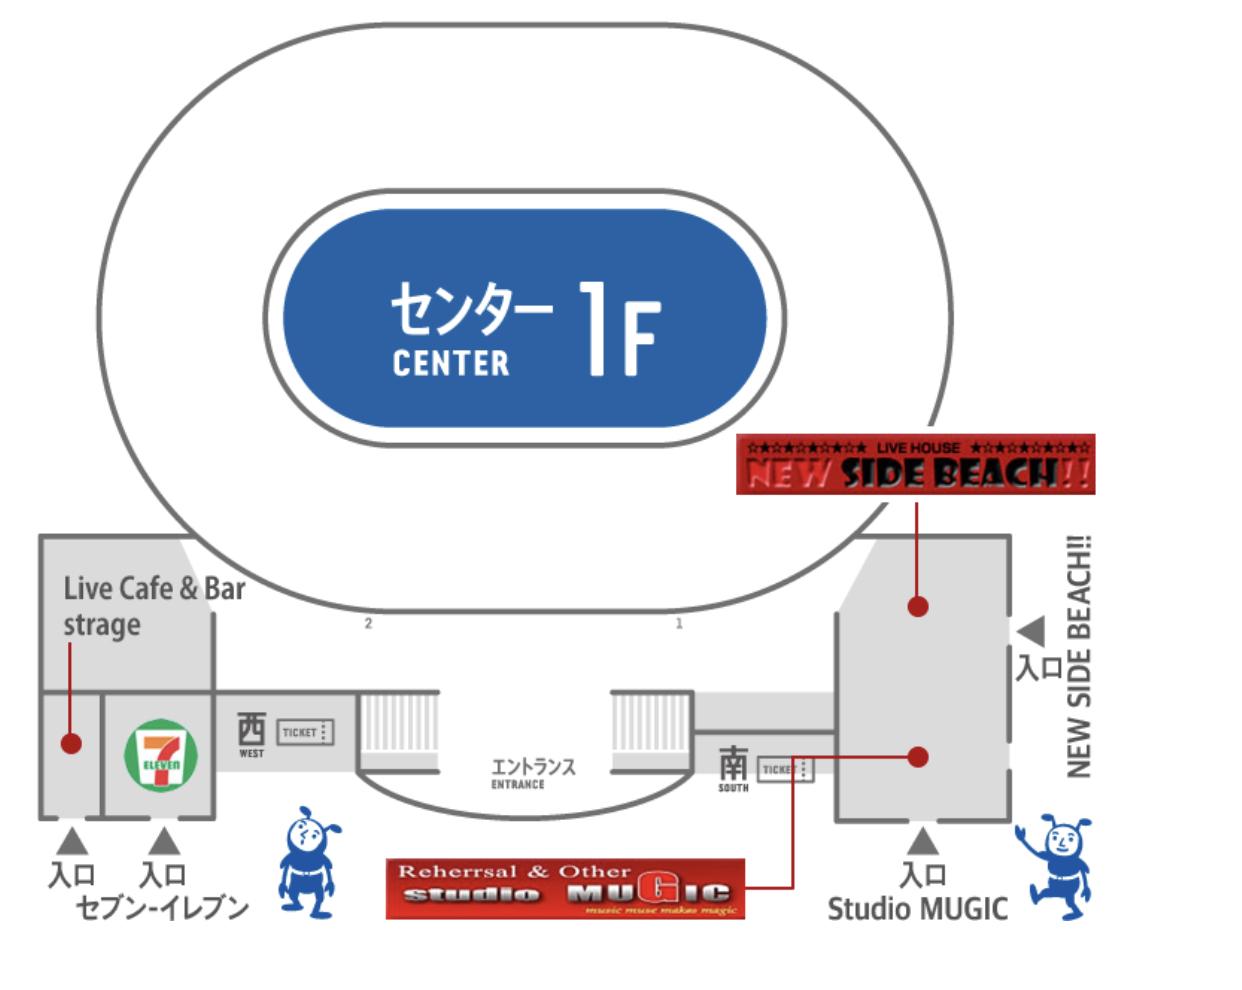 横浜アリーナコンビニ情報